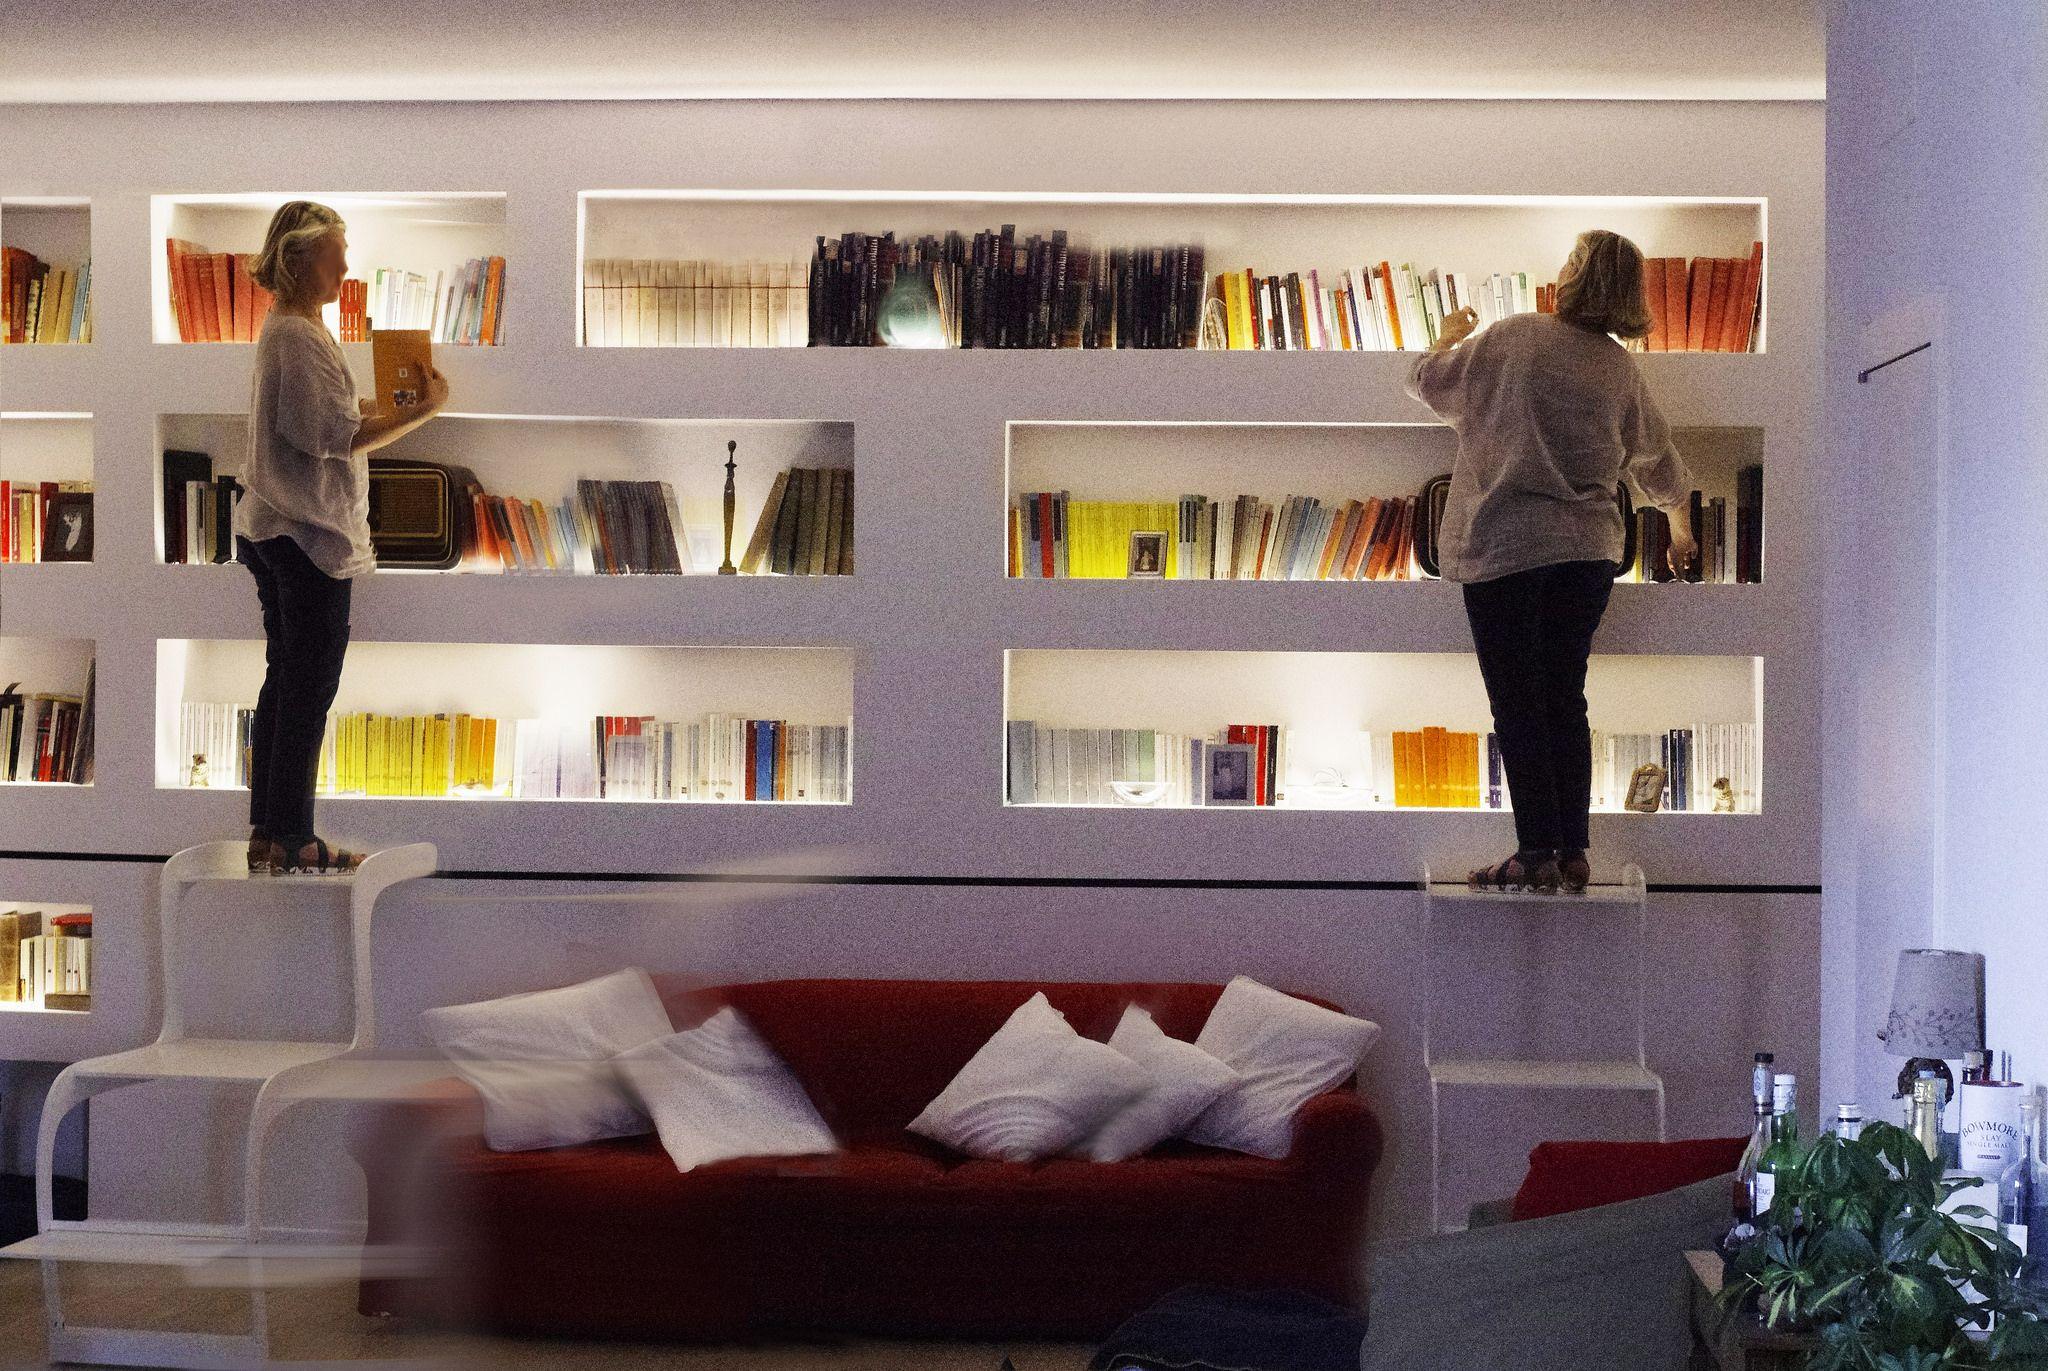 Mensole In Cartongesso Ad Angolo scrivania con libreria sopra